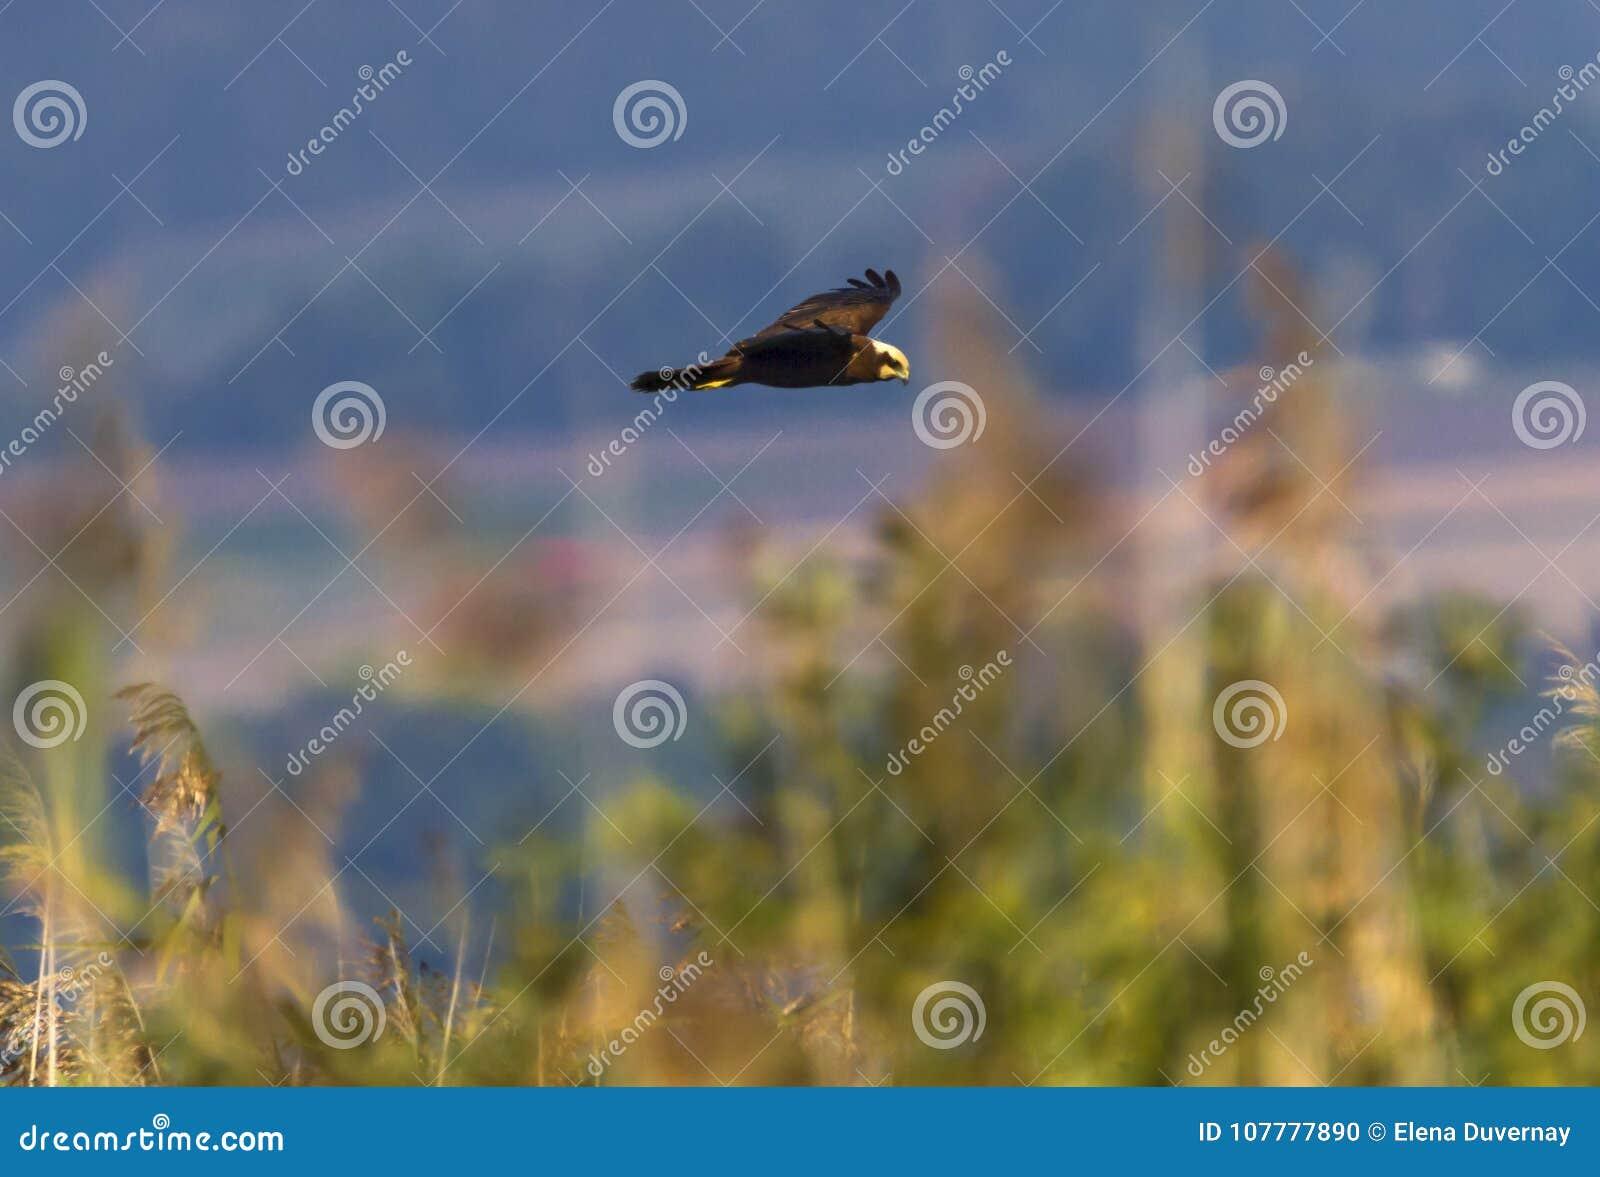 Eurasian or western marsh harrier, circus aeruginosus, flying upon reeds, Neuchatel lake, Switzerland